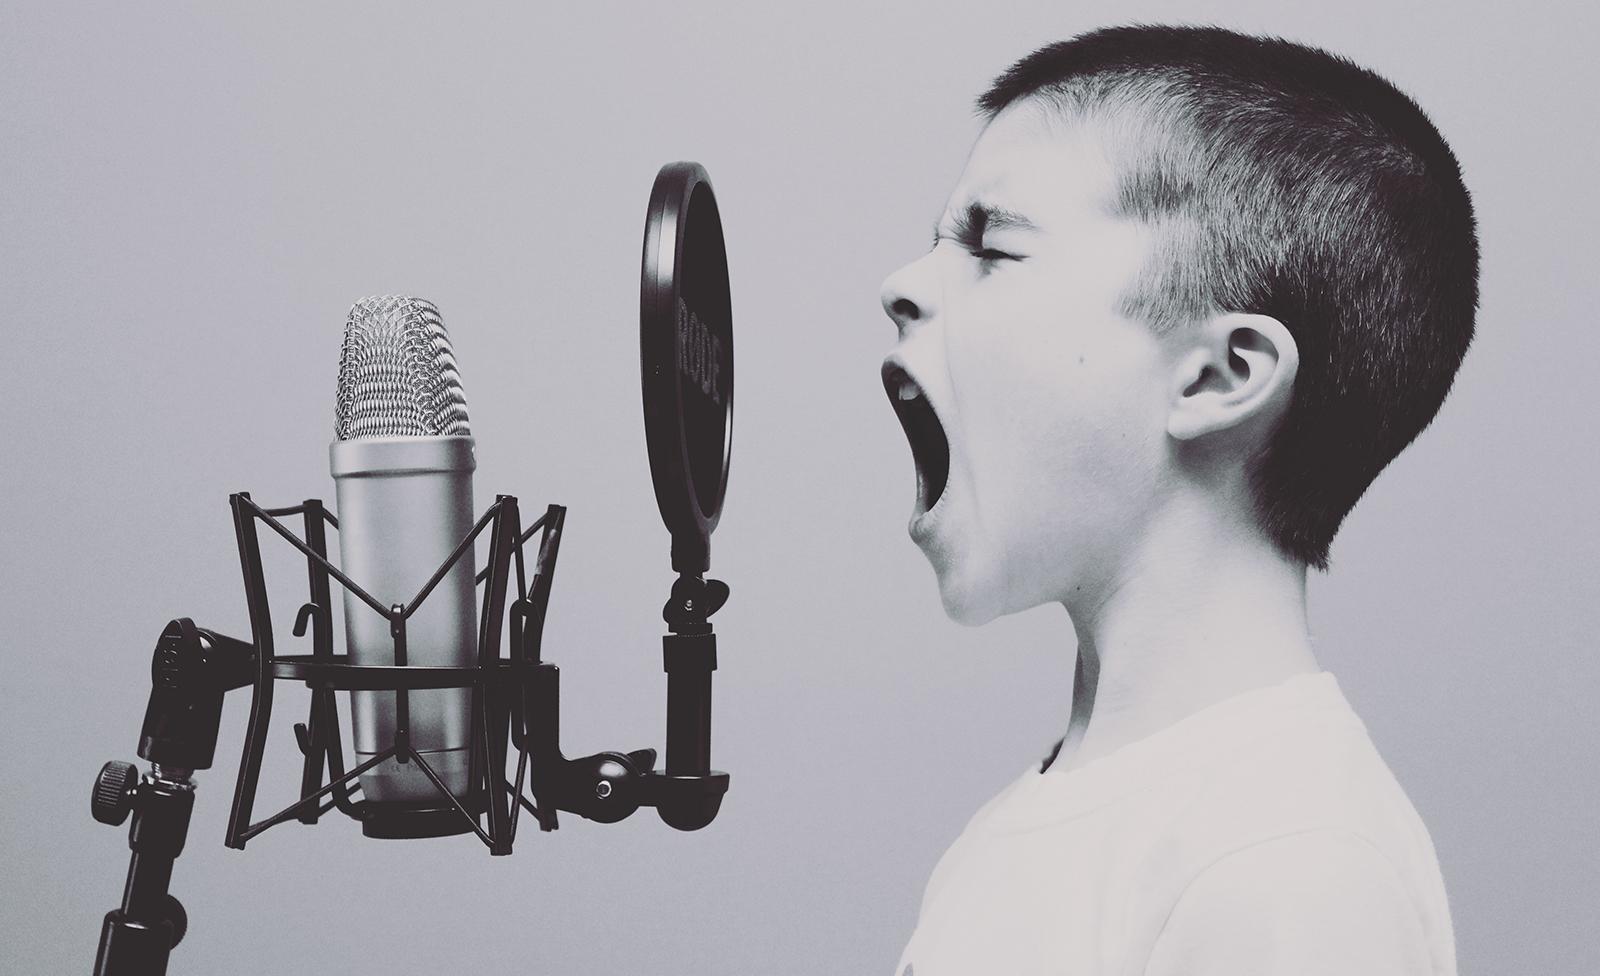 Niño, locutor, micrófono, voz, casting, sonido, audio, Postproducción Sonido